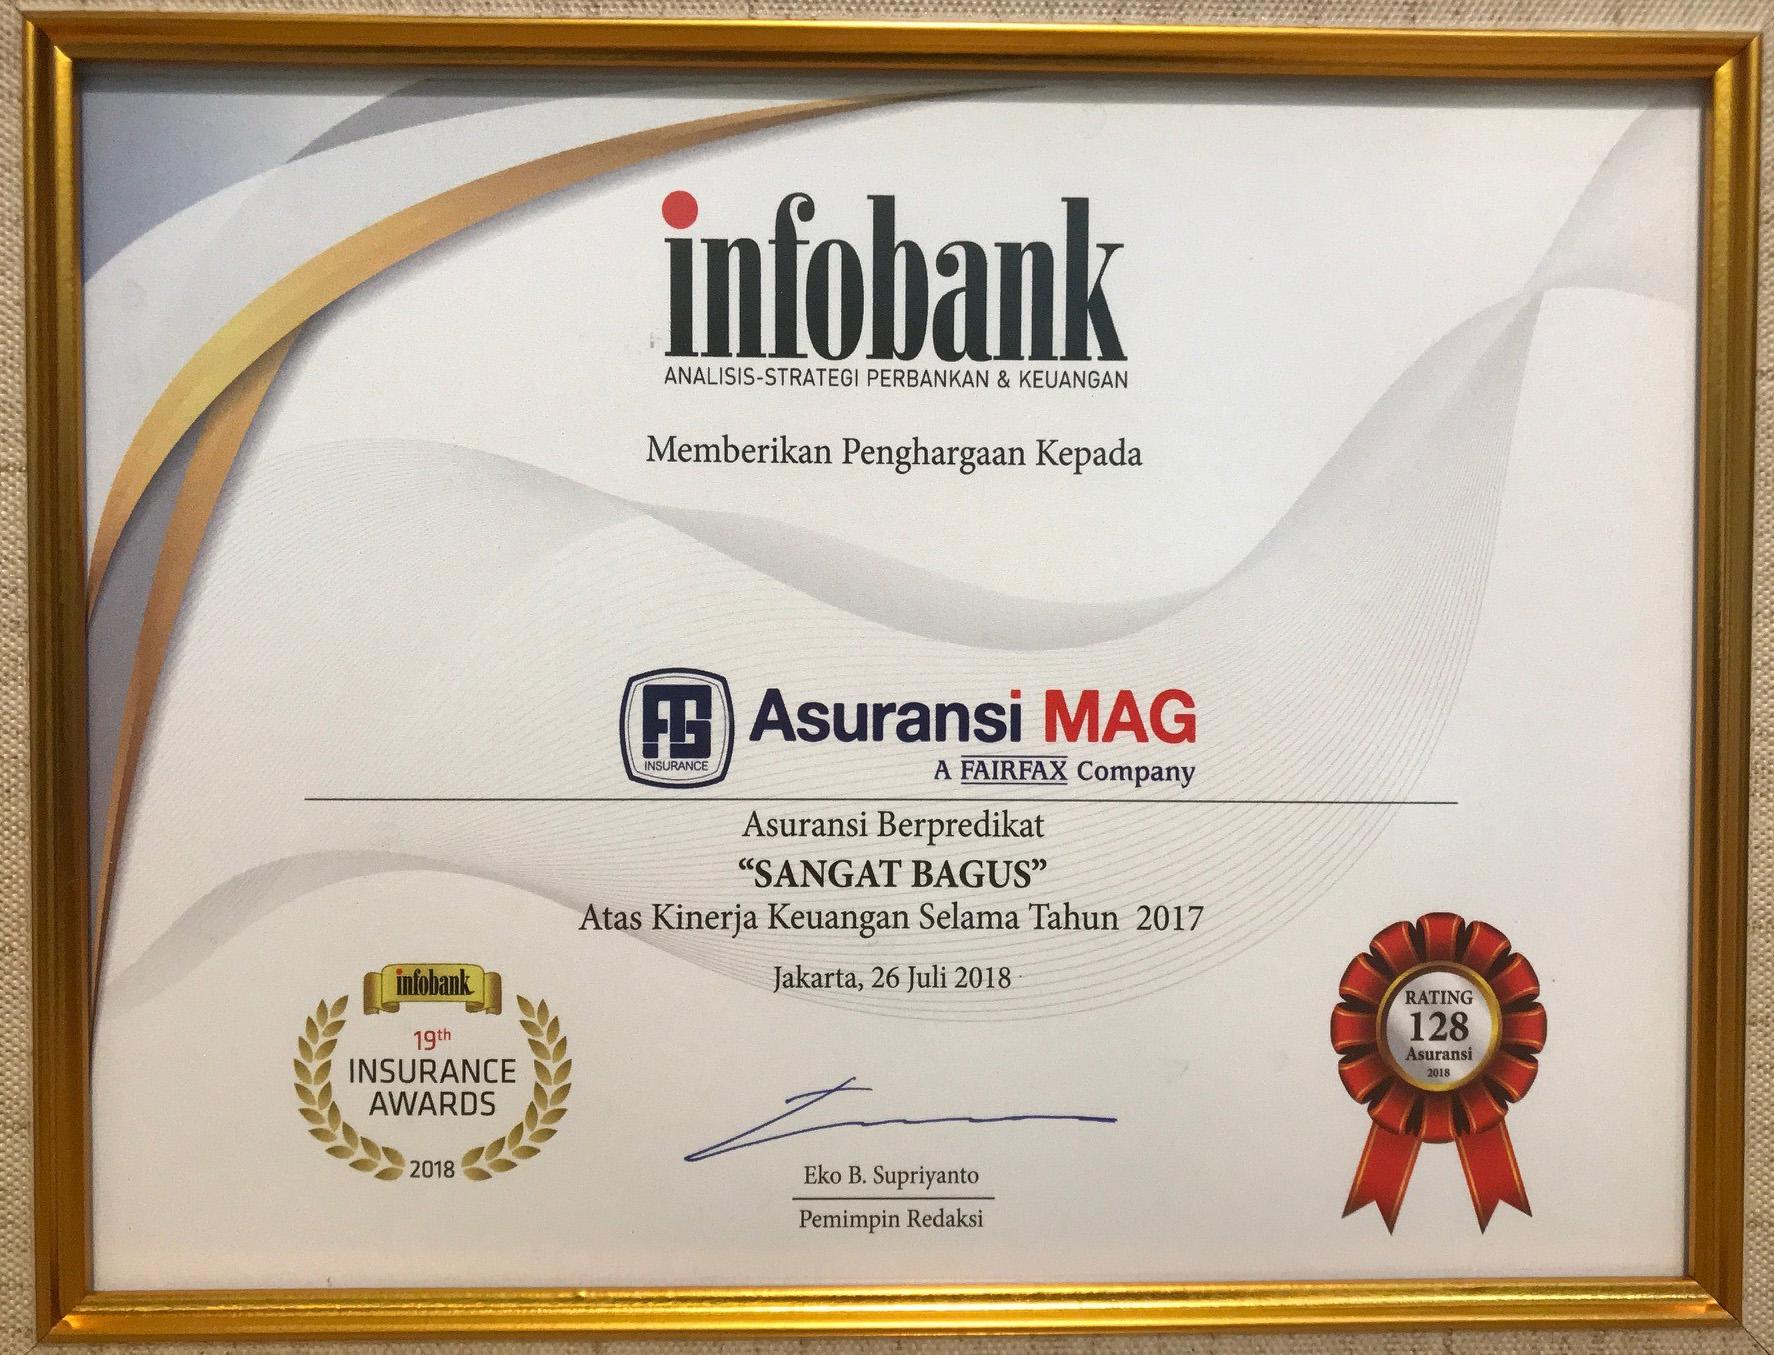 Diakhir semester pertama, Perusahaan mendapatkan penghargaan dari Majalah Infobank dalam acara Infobank 19th Insurance Awards 2018, yaitu Sangat Bagus – Atas Kinerja Keuangan Selama Tahun 2017.